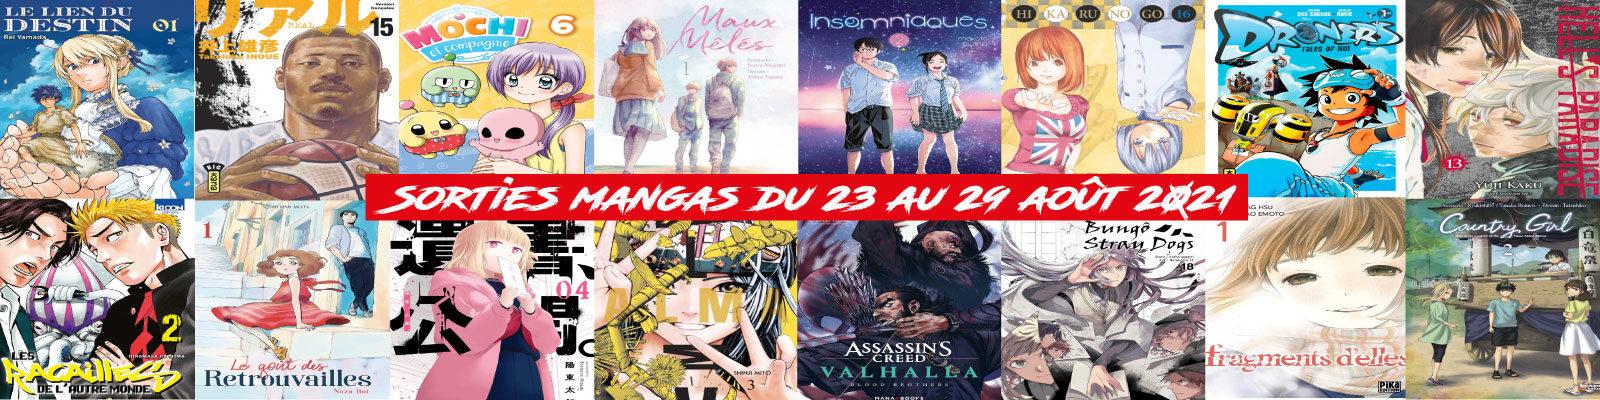 sorties mangas-232982